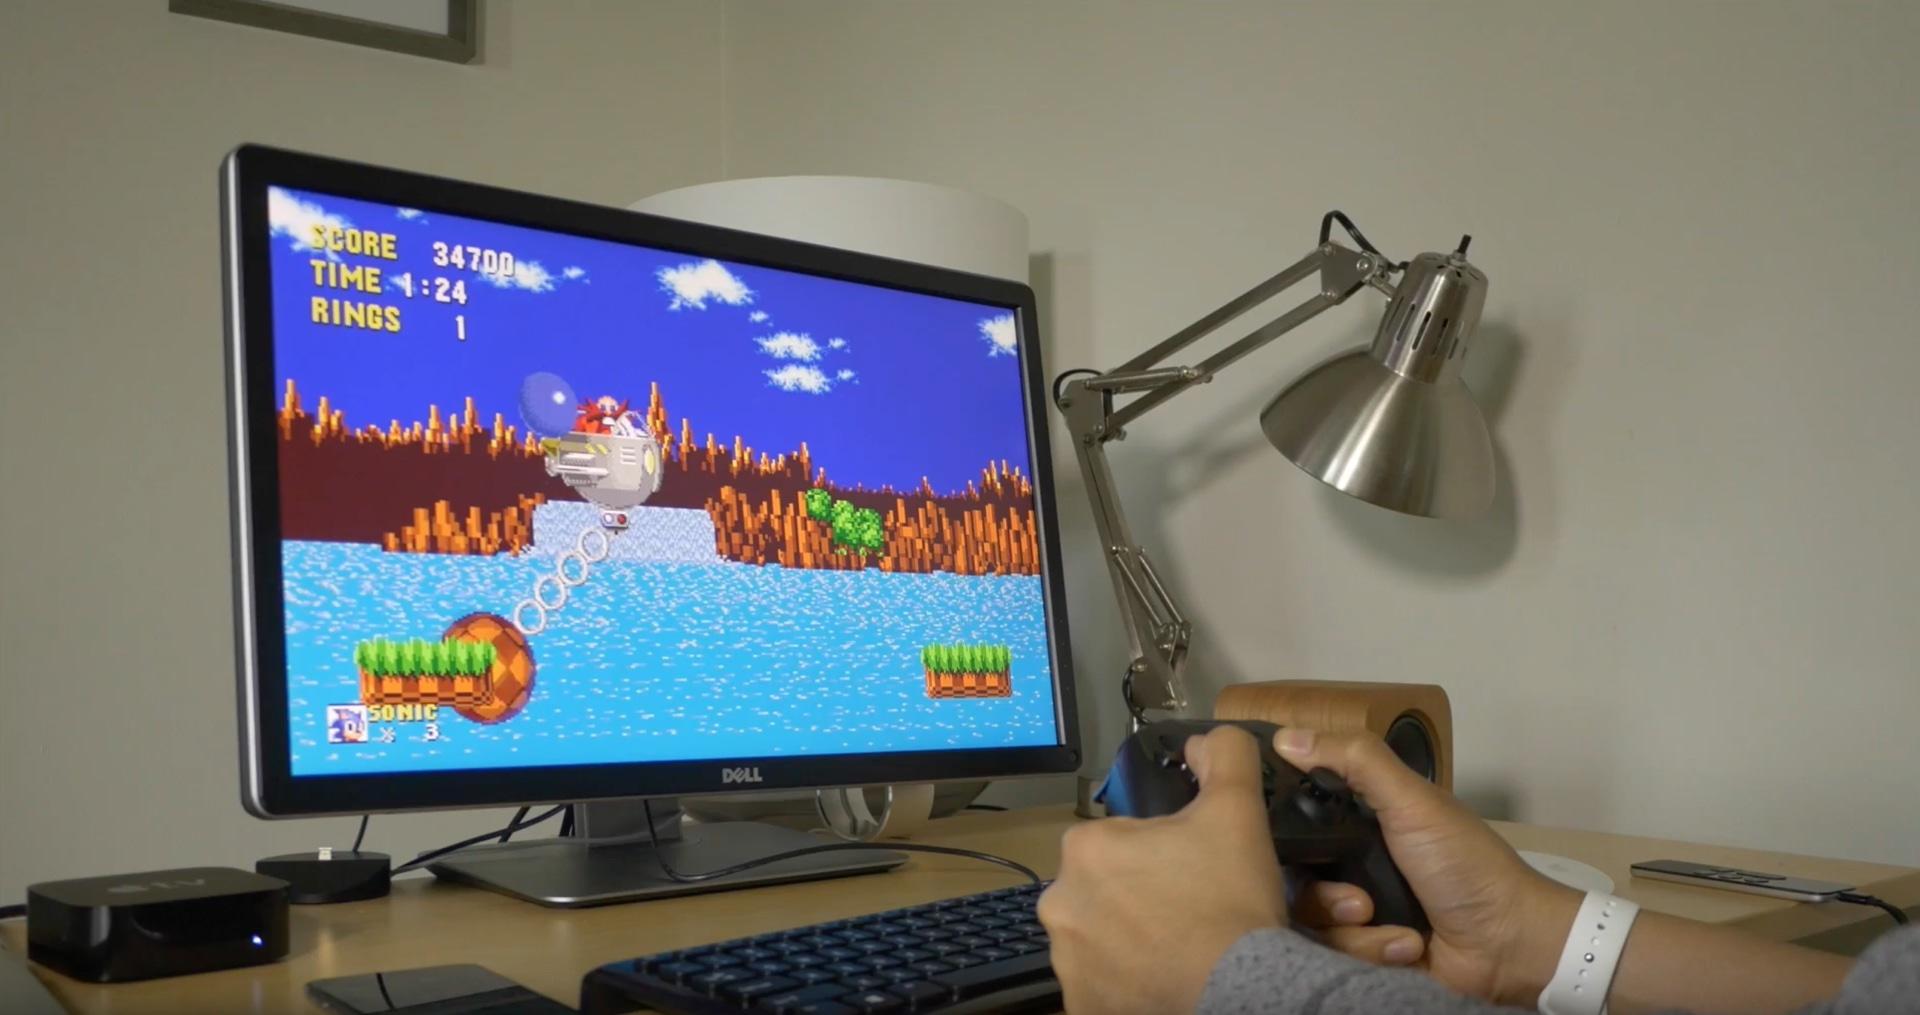 Jogo Sonic The Hedgehog rodando no tvOS